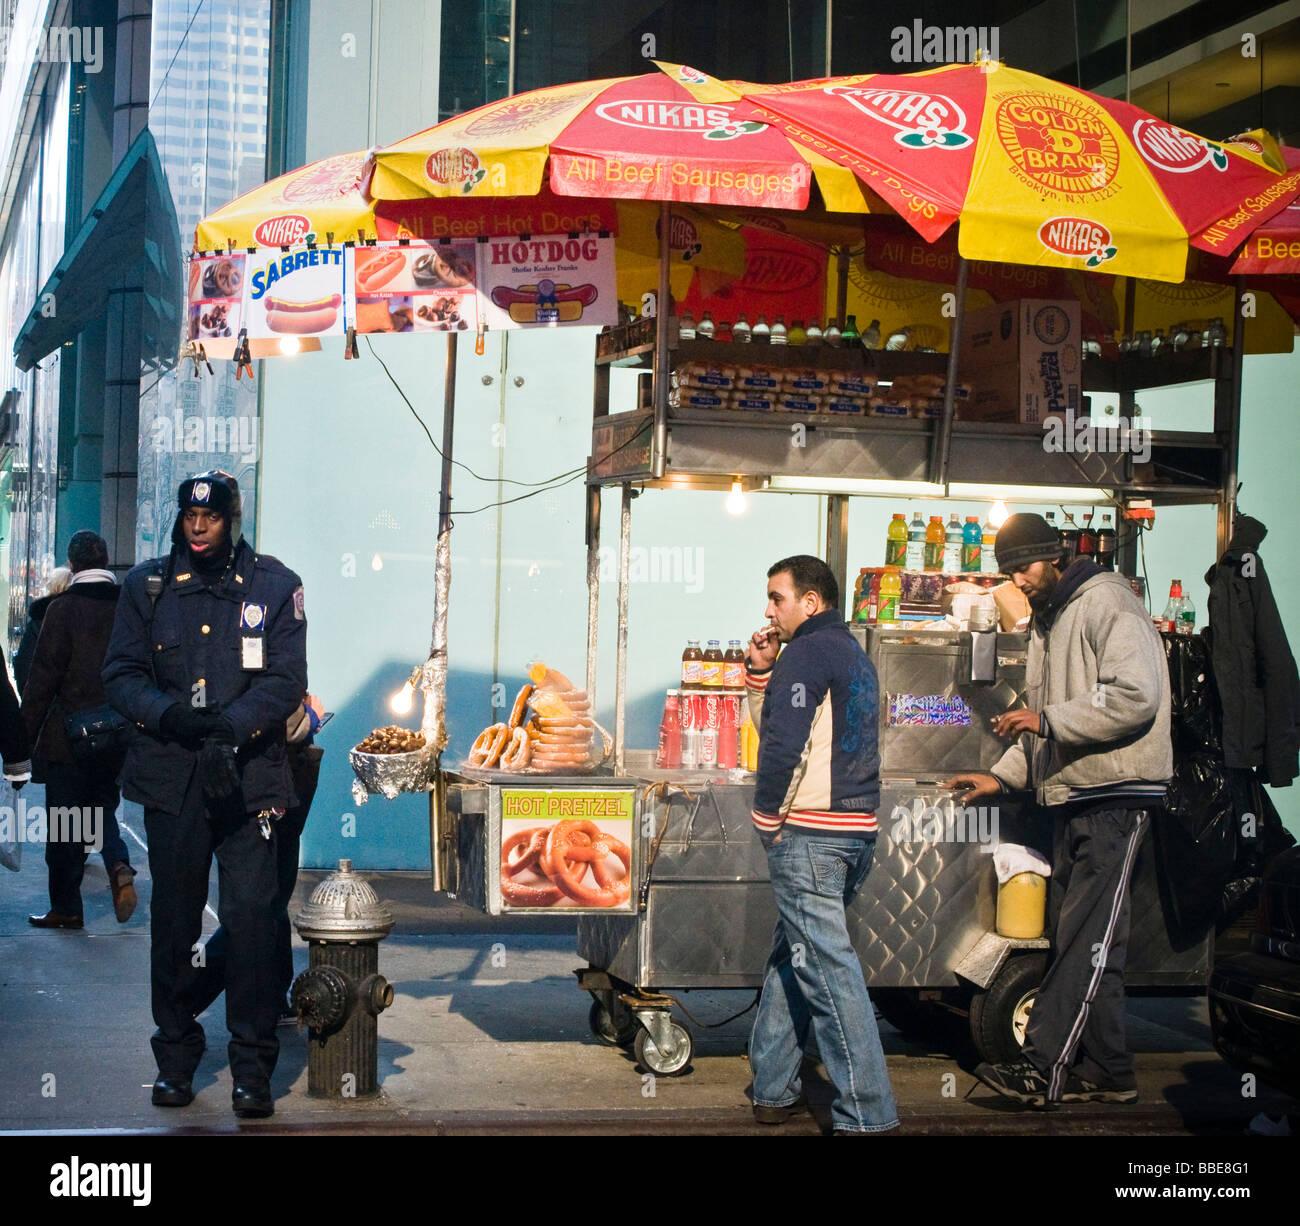 NYC street vendor food cart - Stock Image